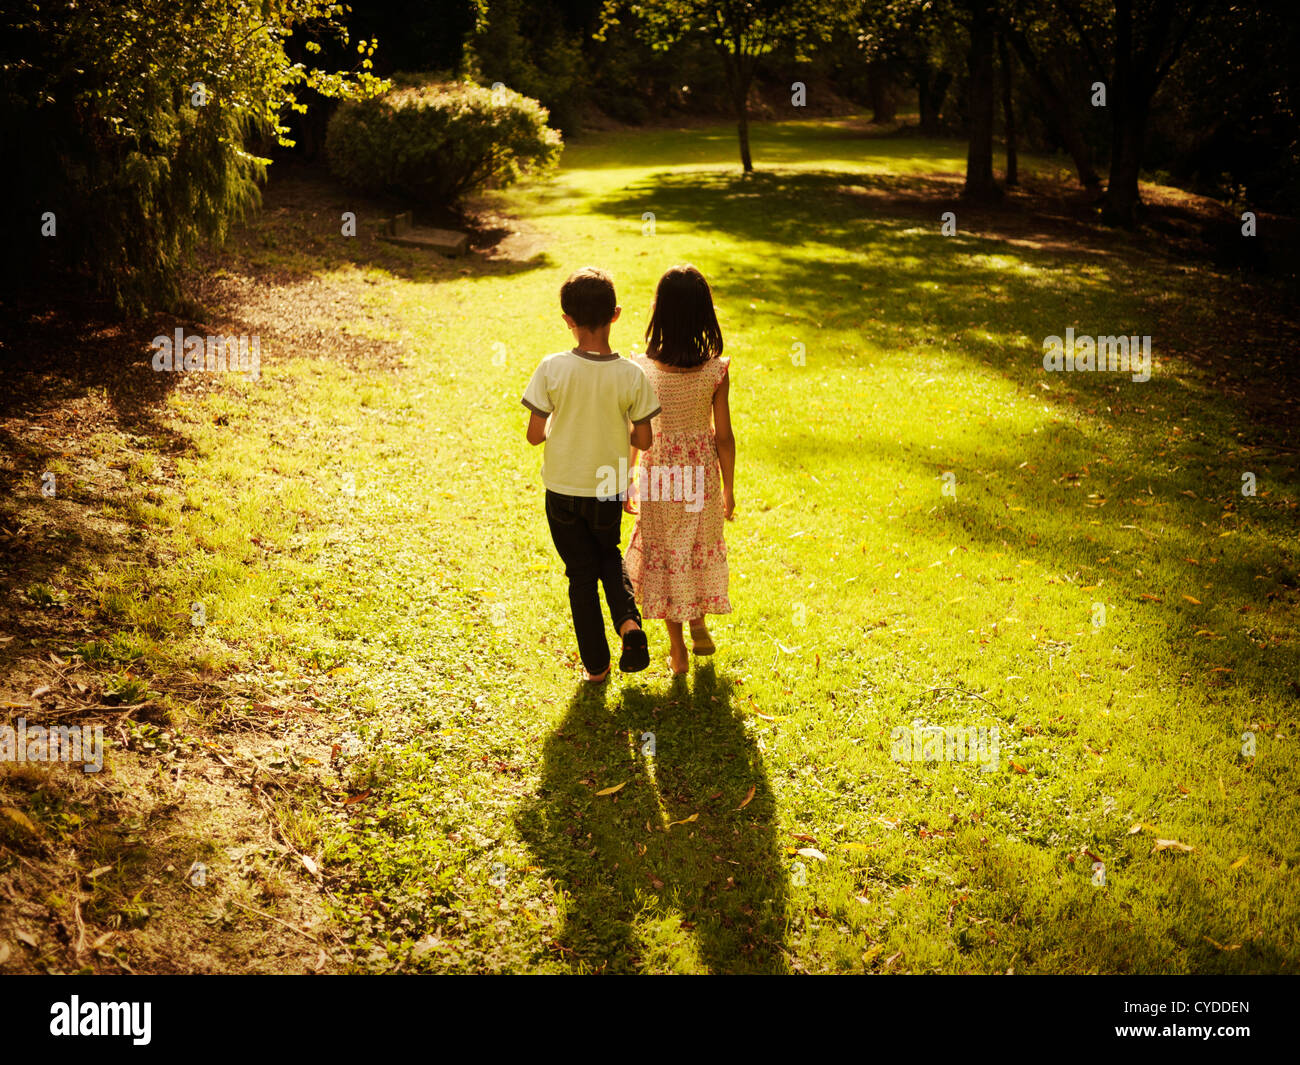 Goldene Stunde: jungen und Mädchen Sommer Spaziergang am Nachmittag im Wald Stockbild